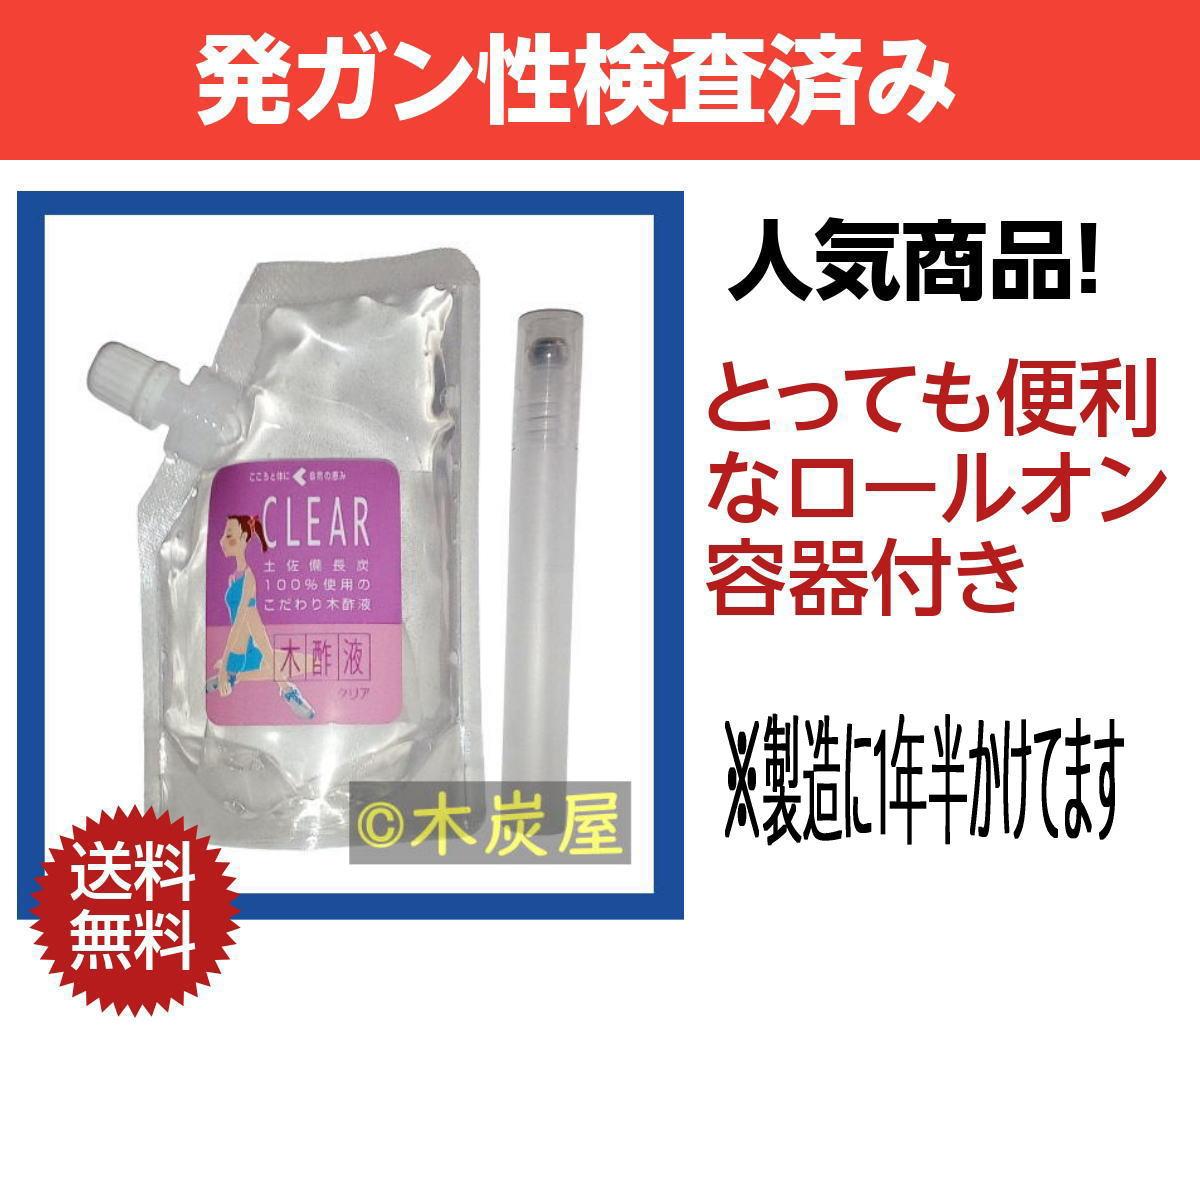 木酢液クリア100ml + ロールオン容器